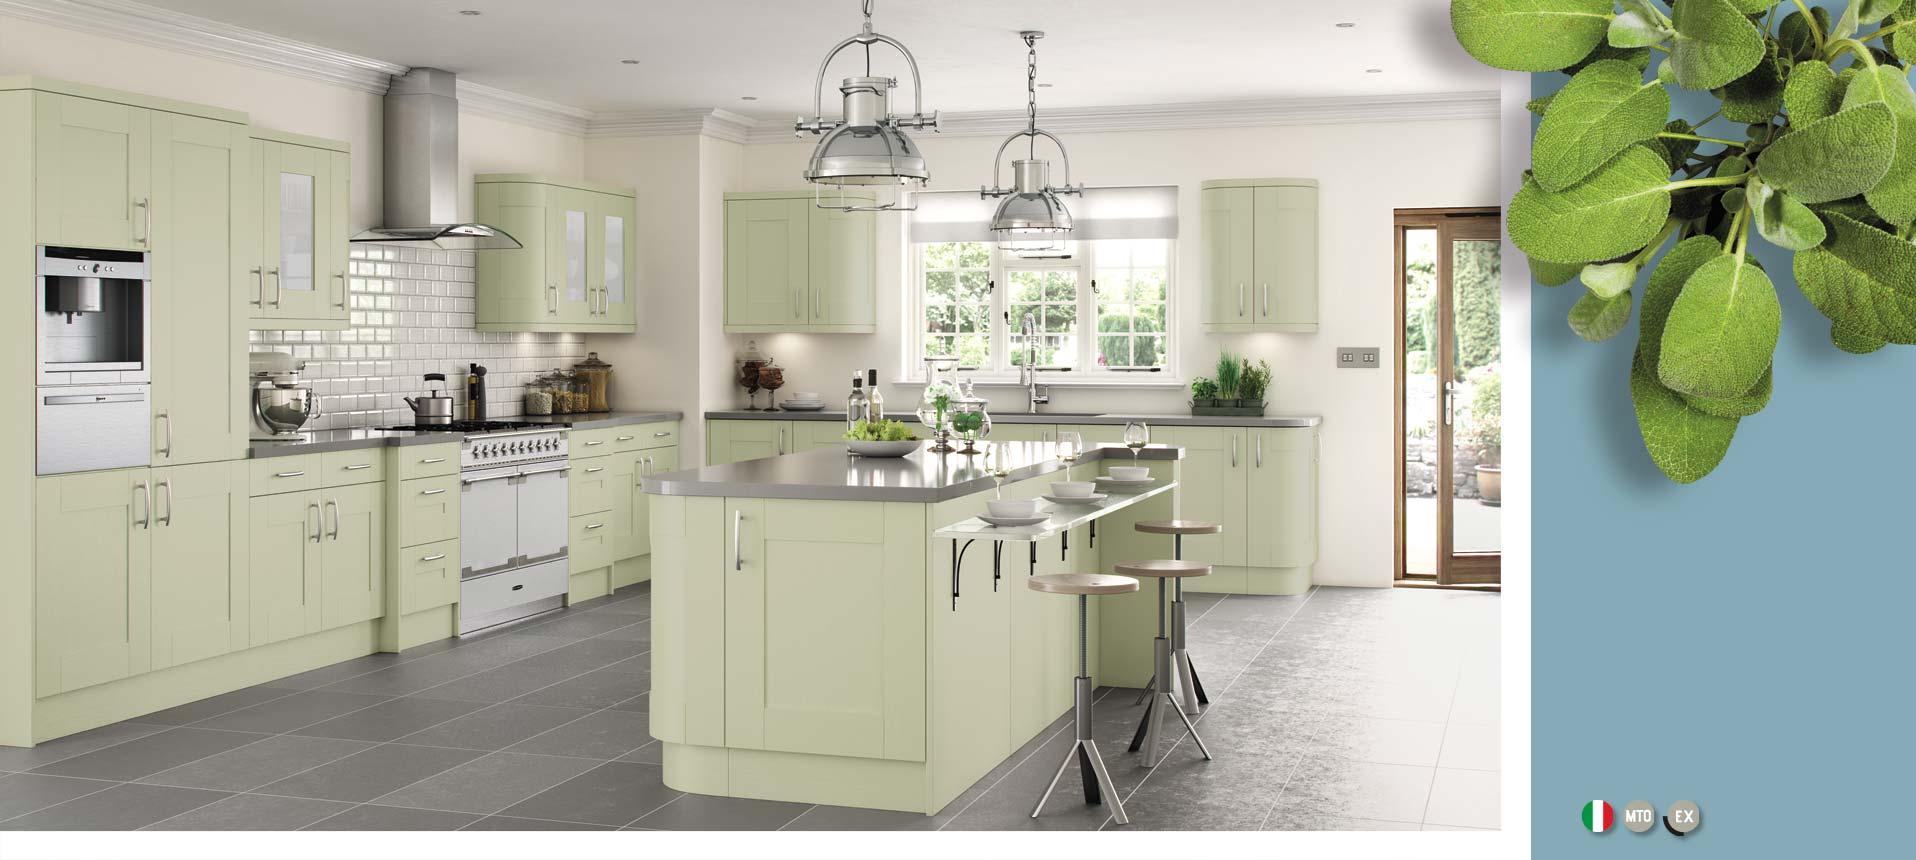 Cartmel Matt Sage Green Kitchens | On Trend Kitchen Collection